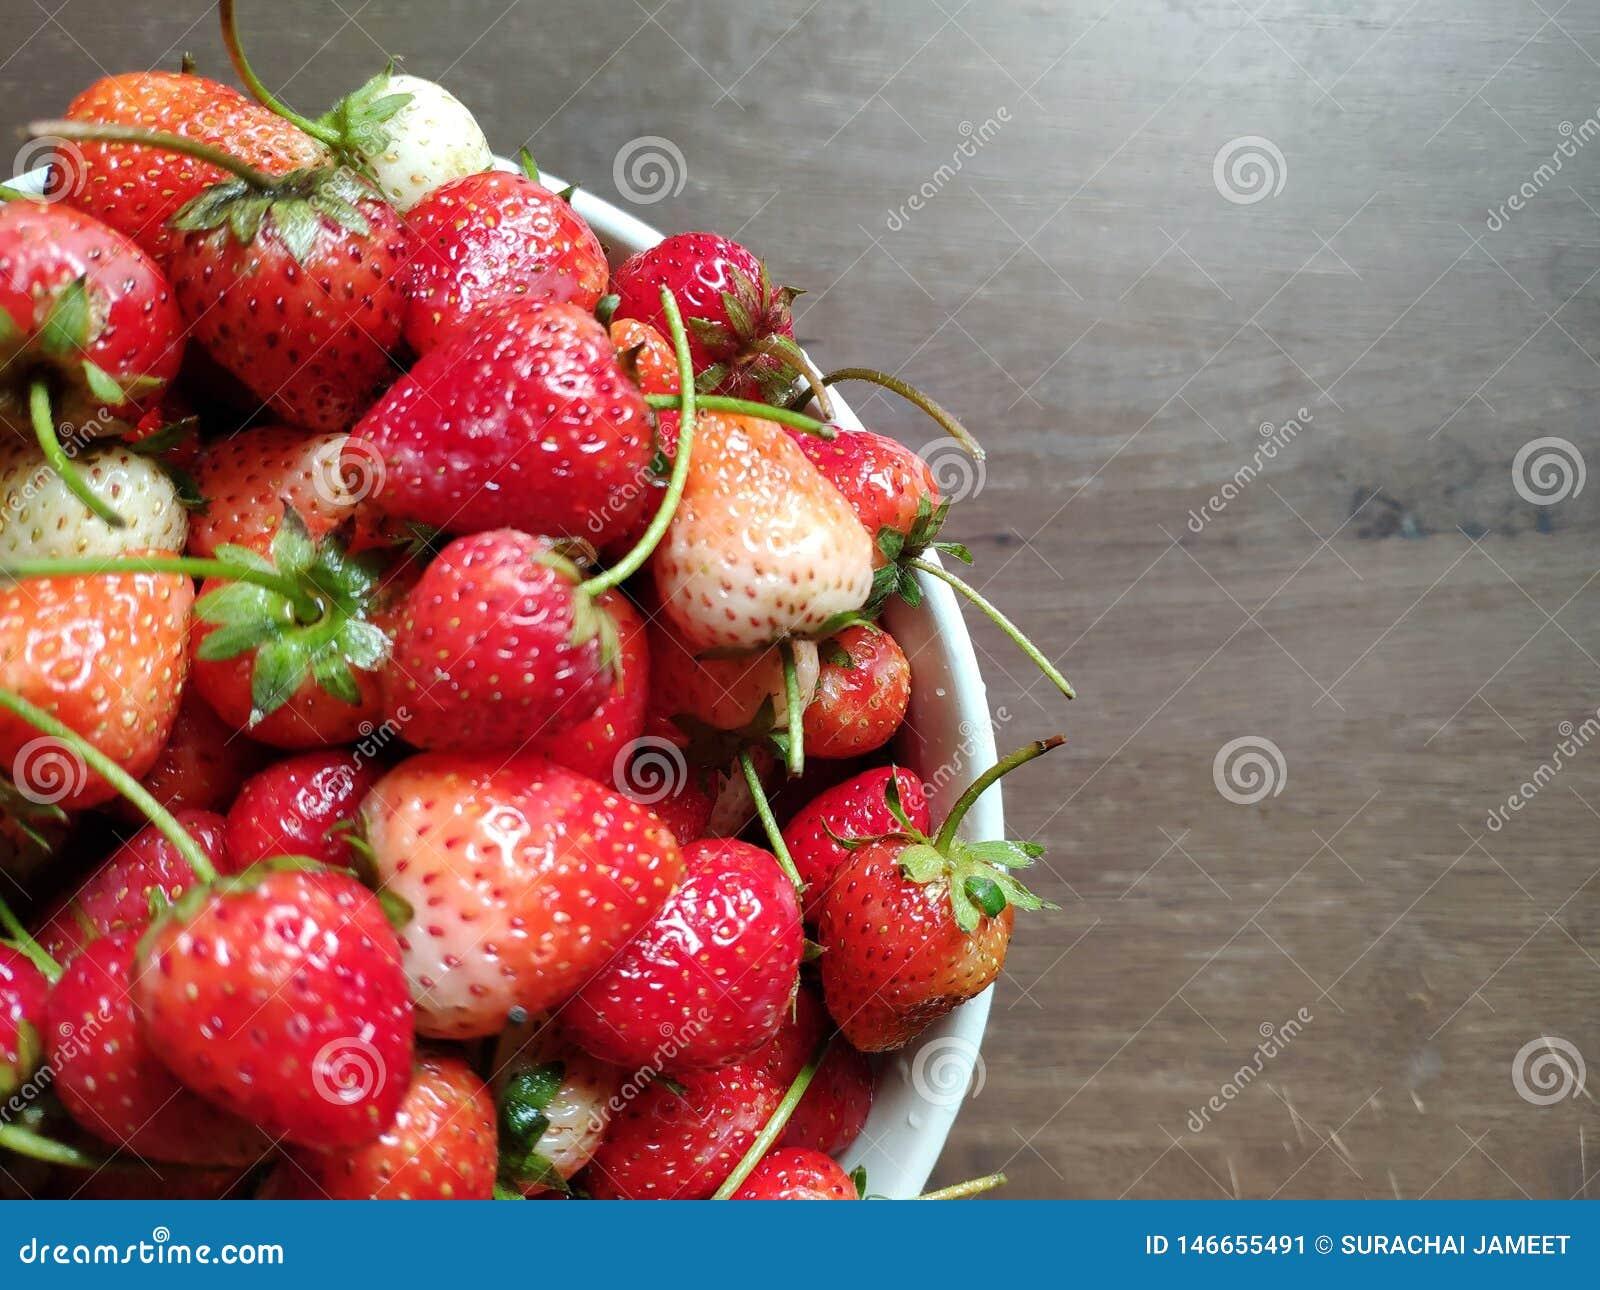 Frische Erdbeeren sind in der weißen Schüssel auf Holztisch